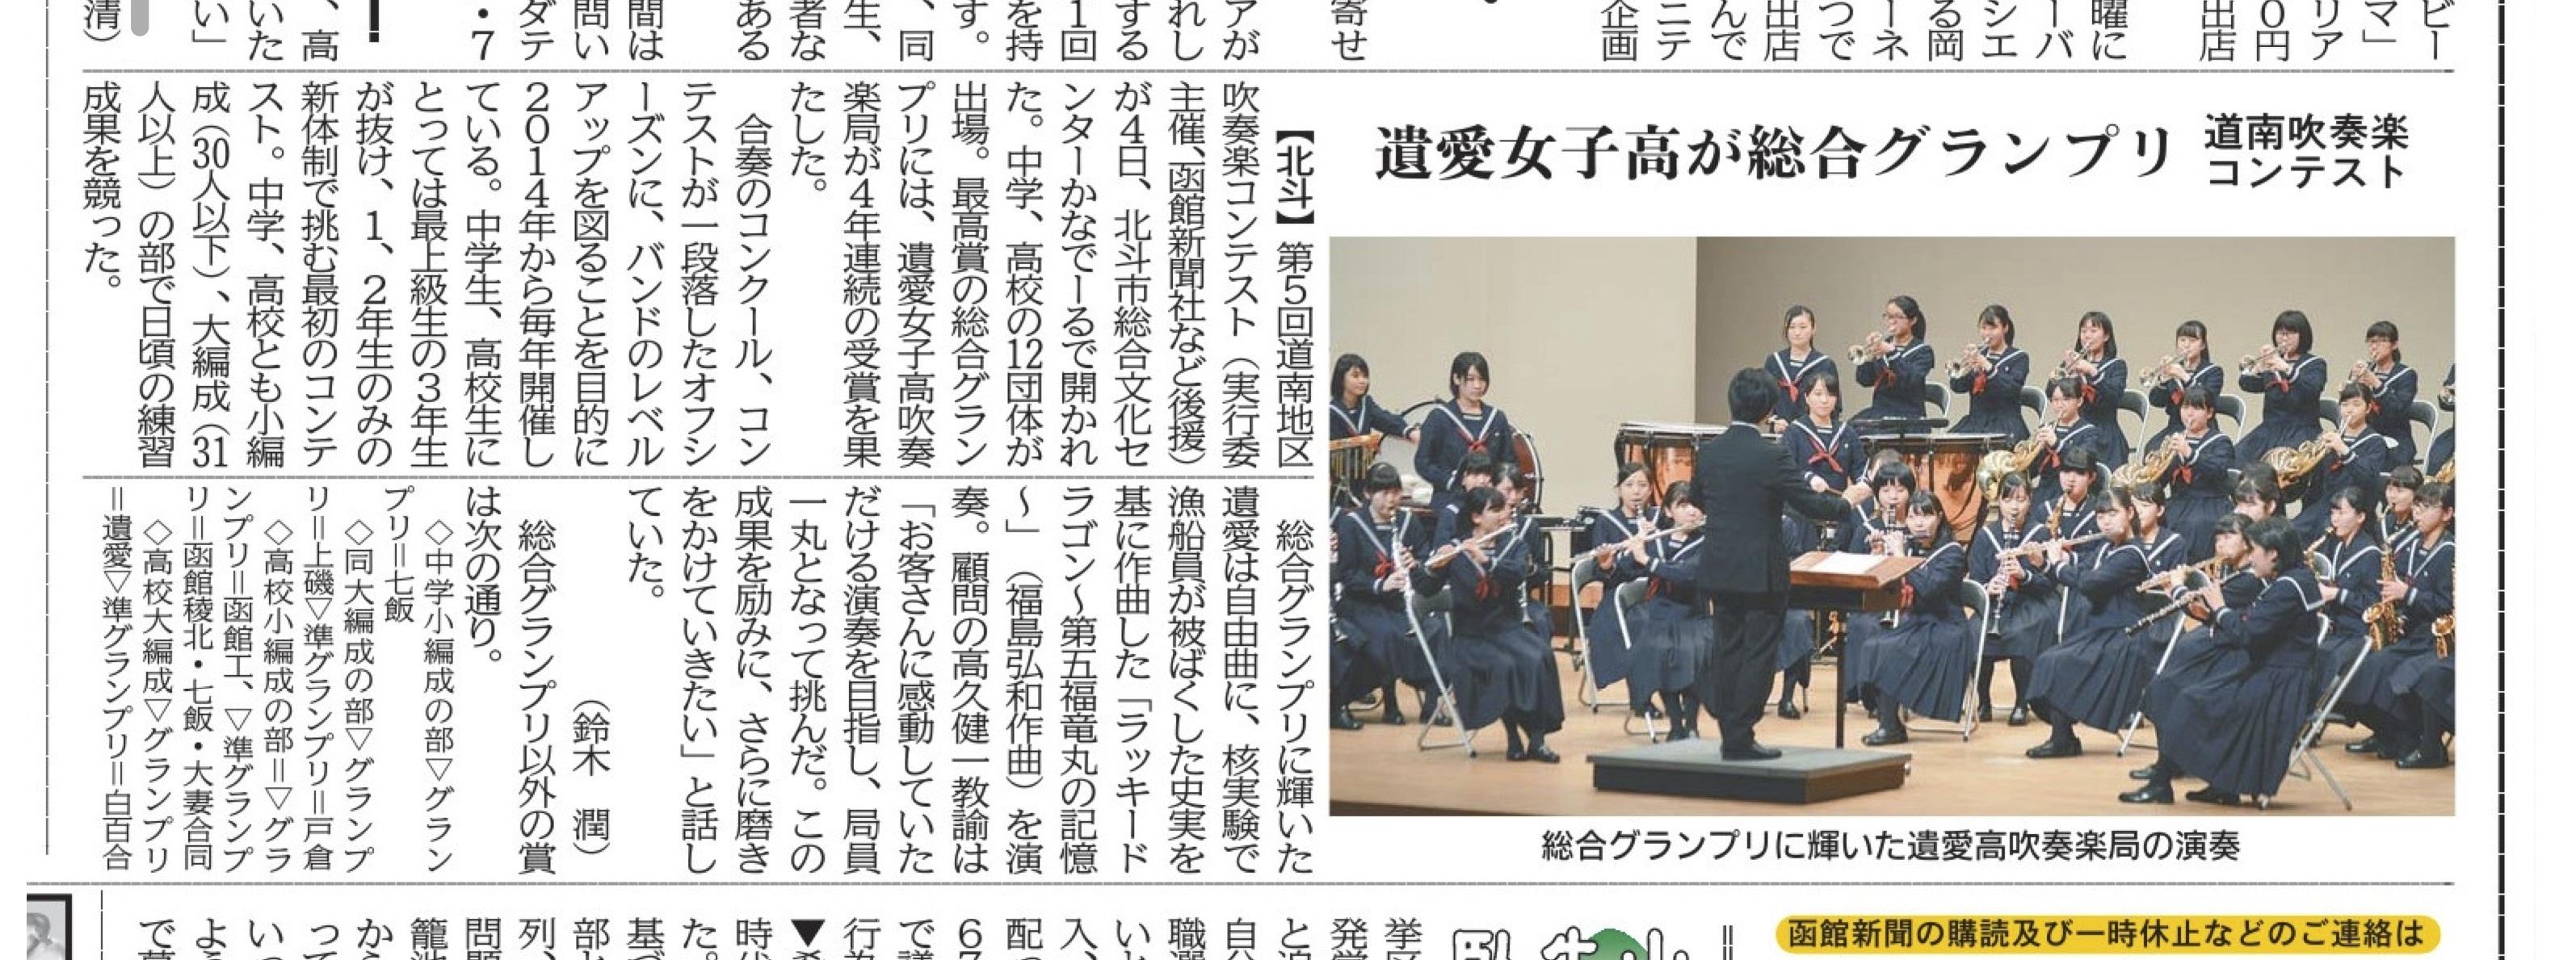 0206 函館新聞電子版